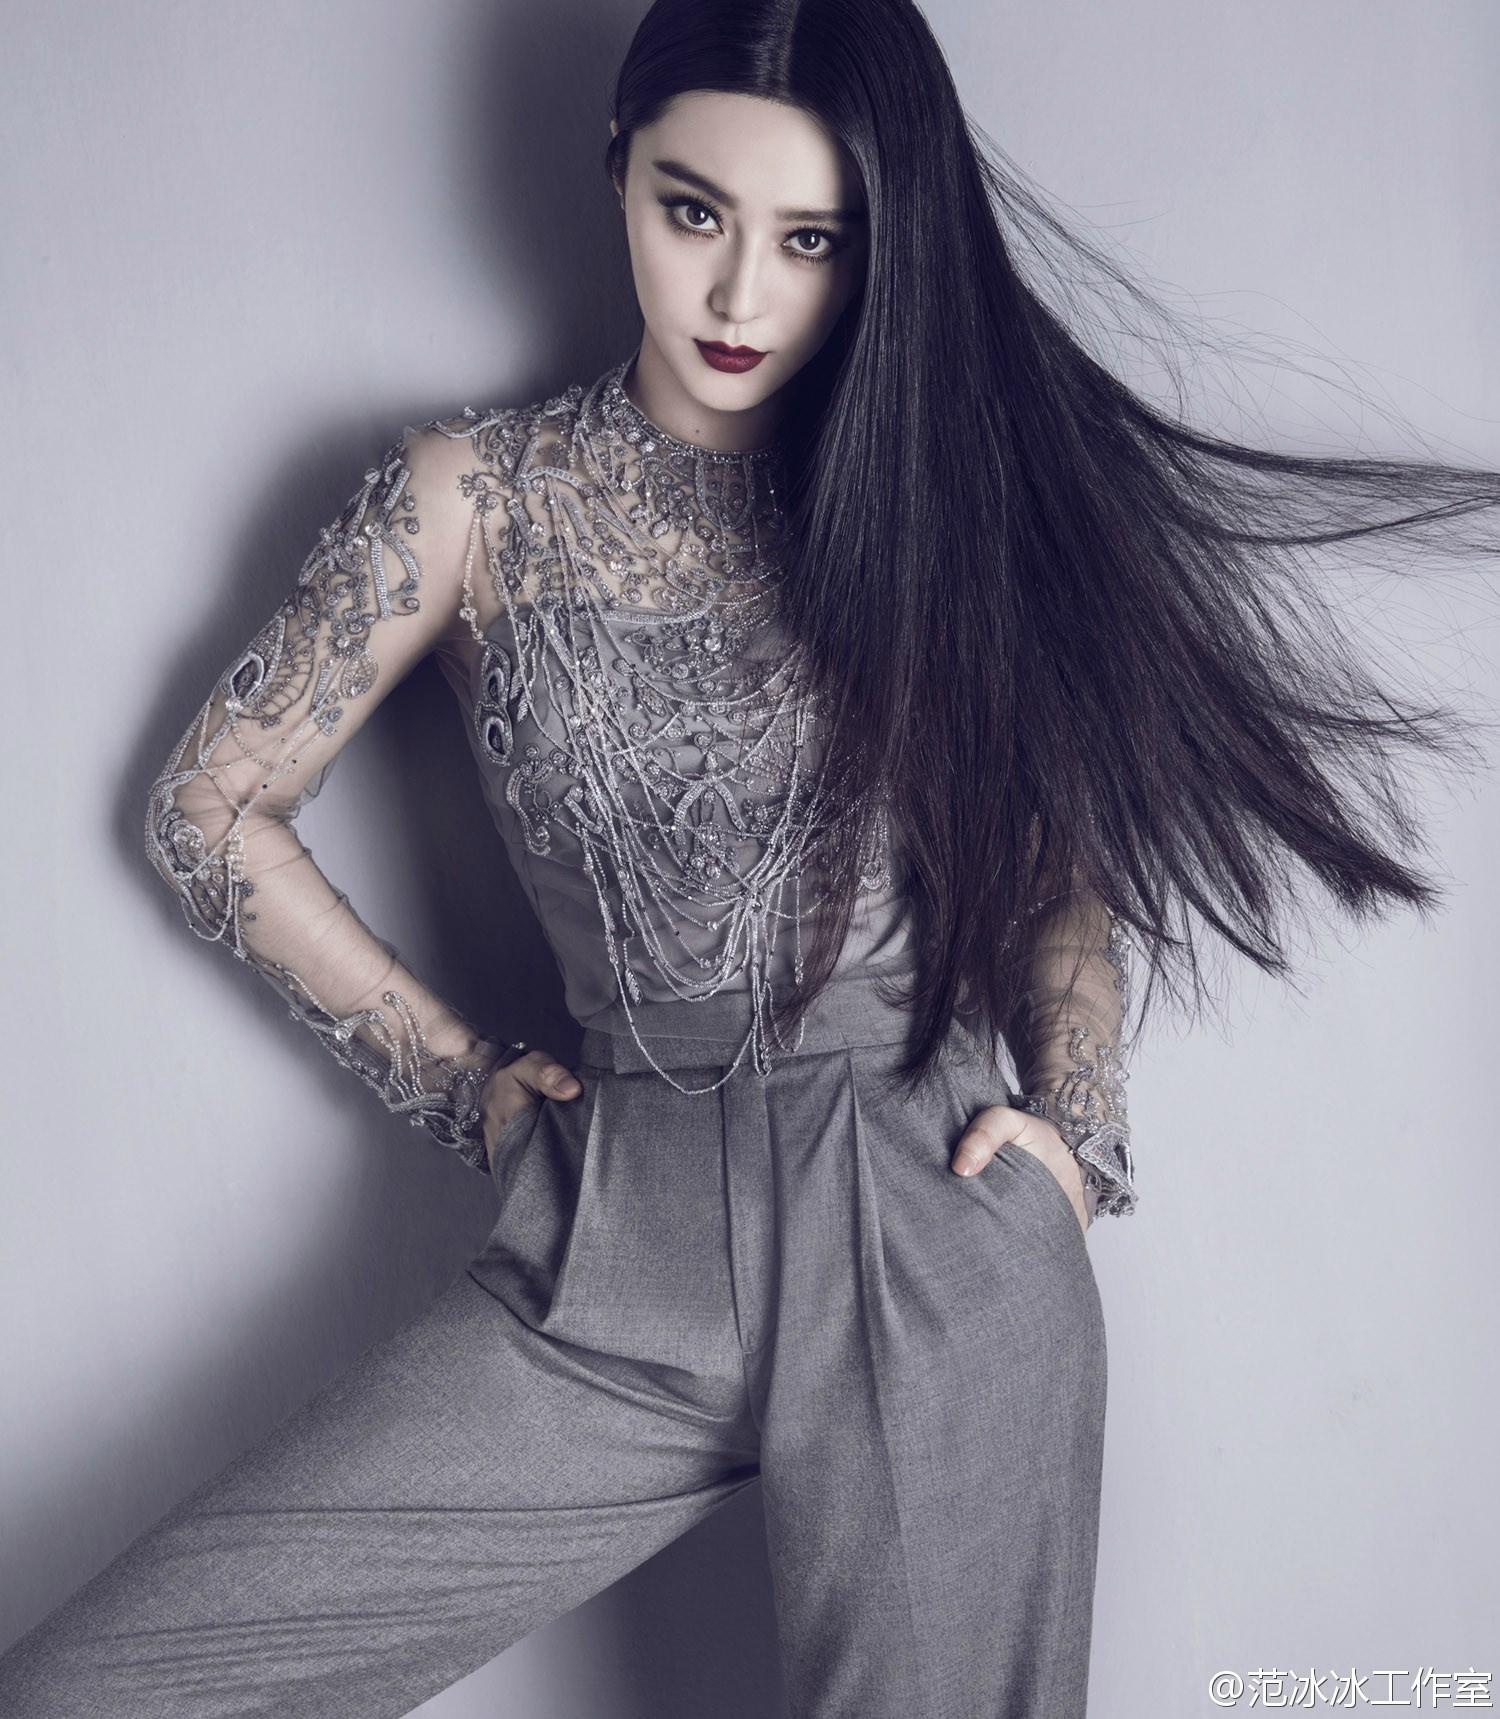 fan bingbing chinese actress photoshoot, hd wallpaper